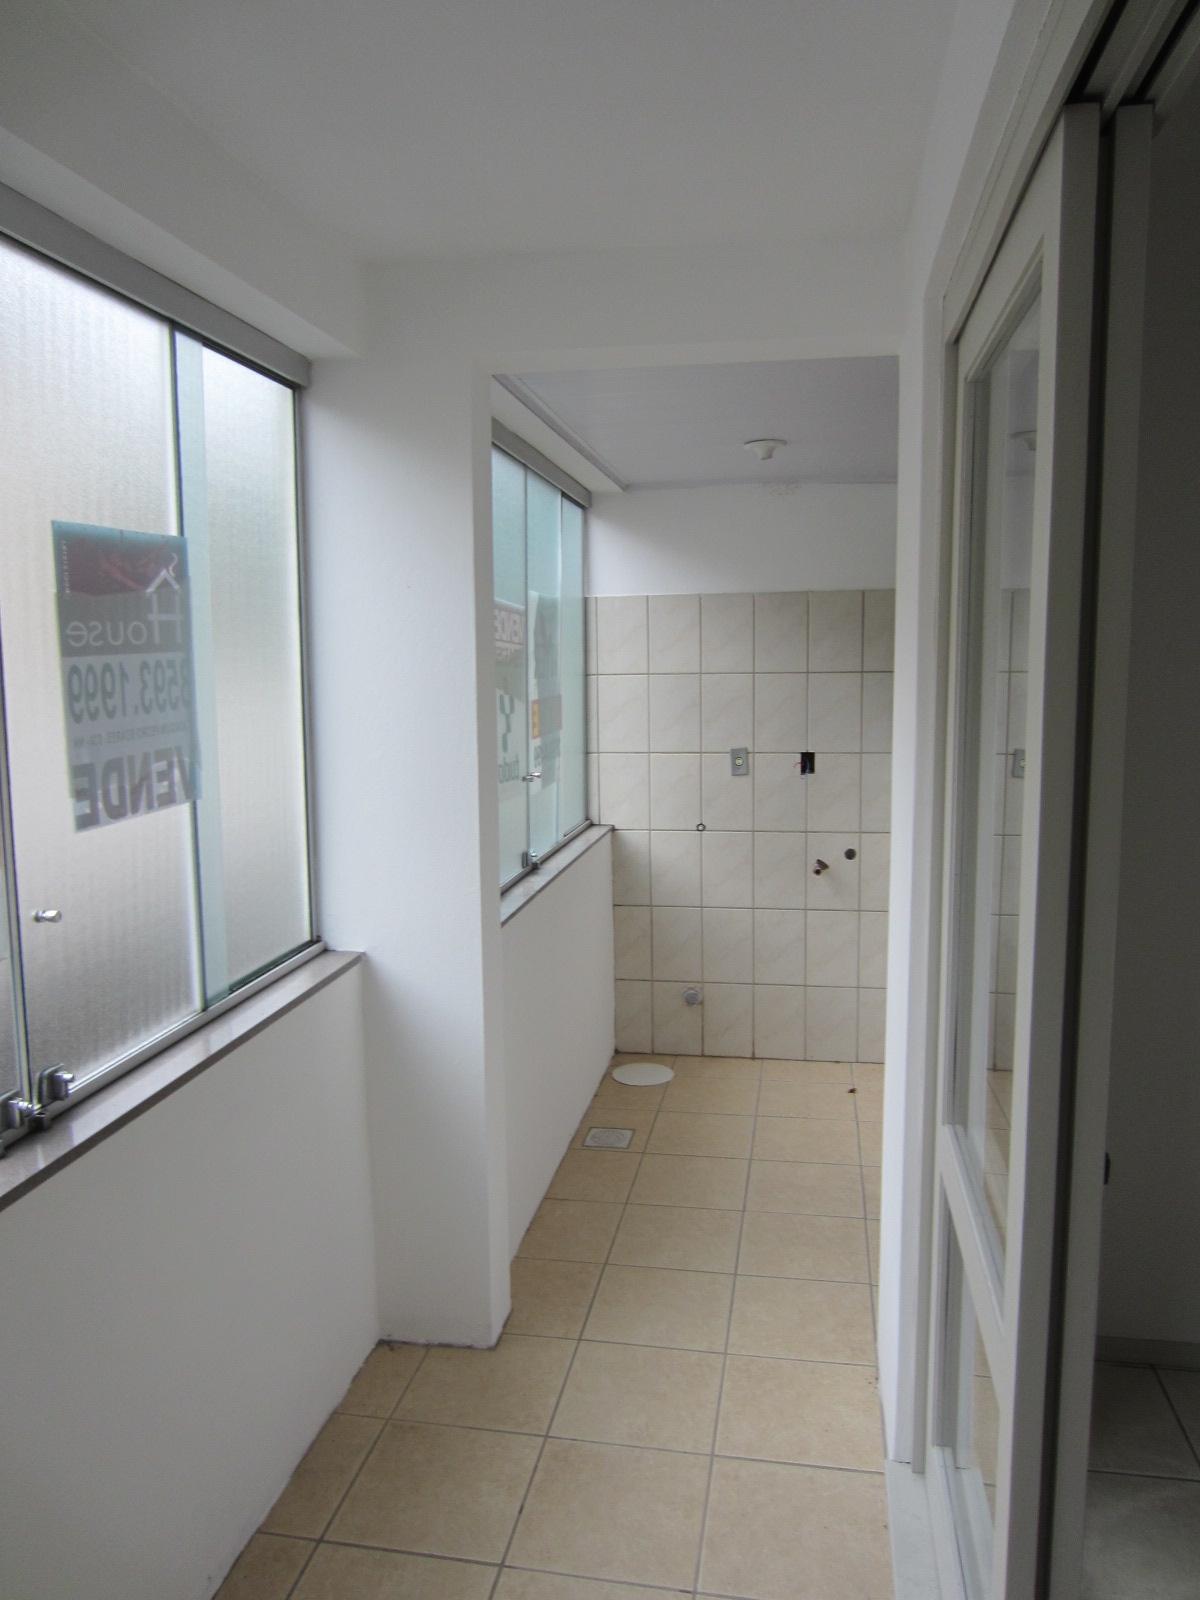 Imagens de #5B5144  hotmail.com contato Lida Daidaihua azul USA Novo Hamburgo RS vender 1200x1600 px 2764 Box Banheiro Novo Hamburgo Rs